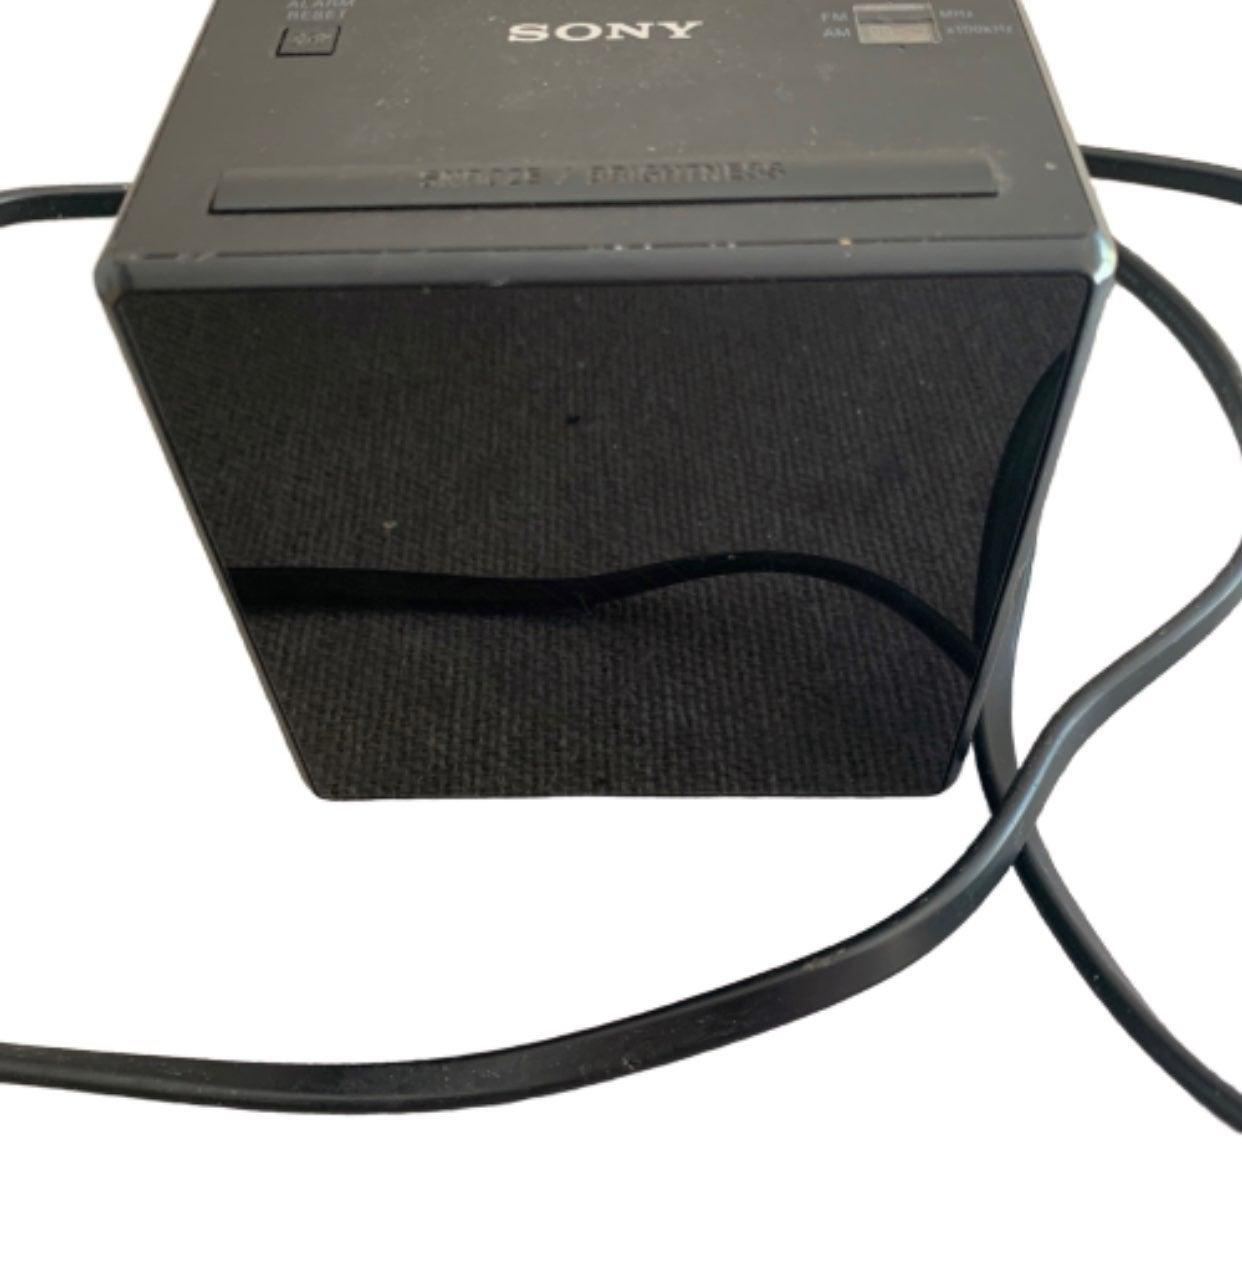 Sony Digital Clock/Radio Black AM/FM